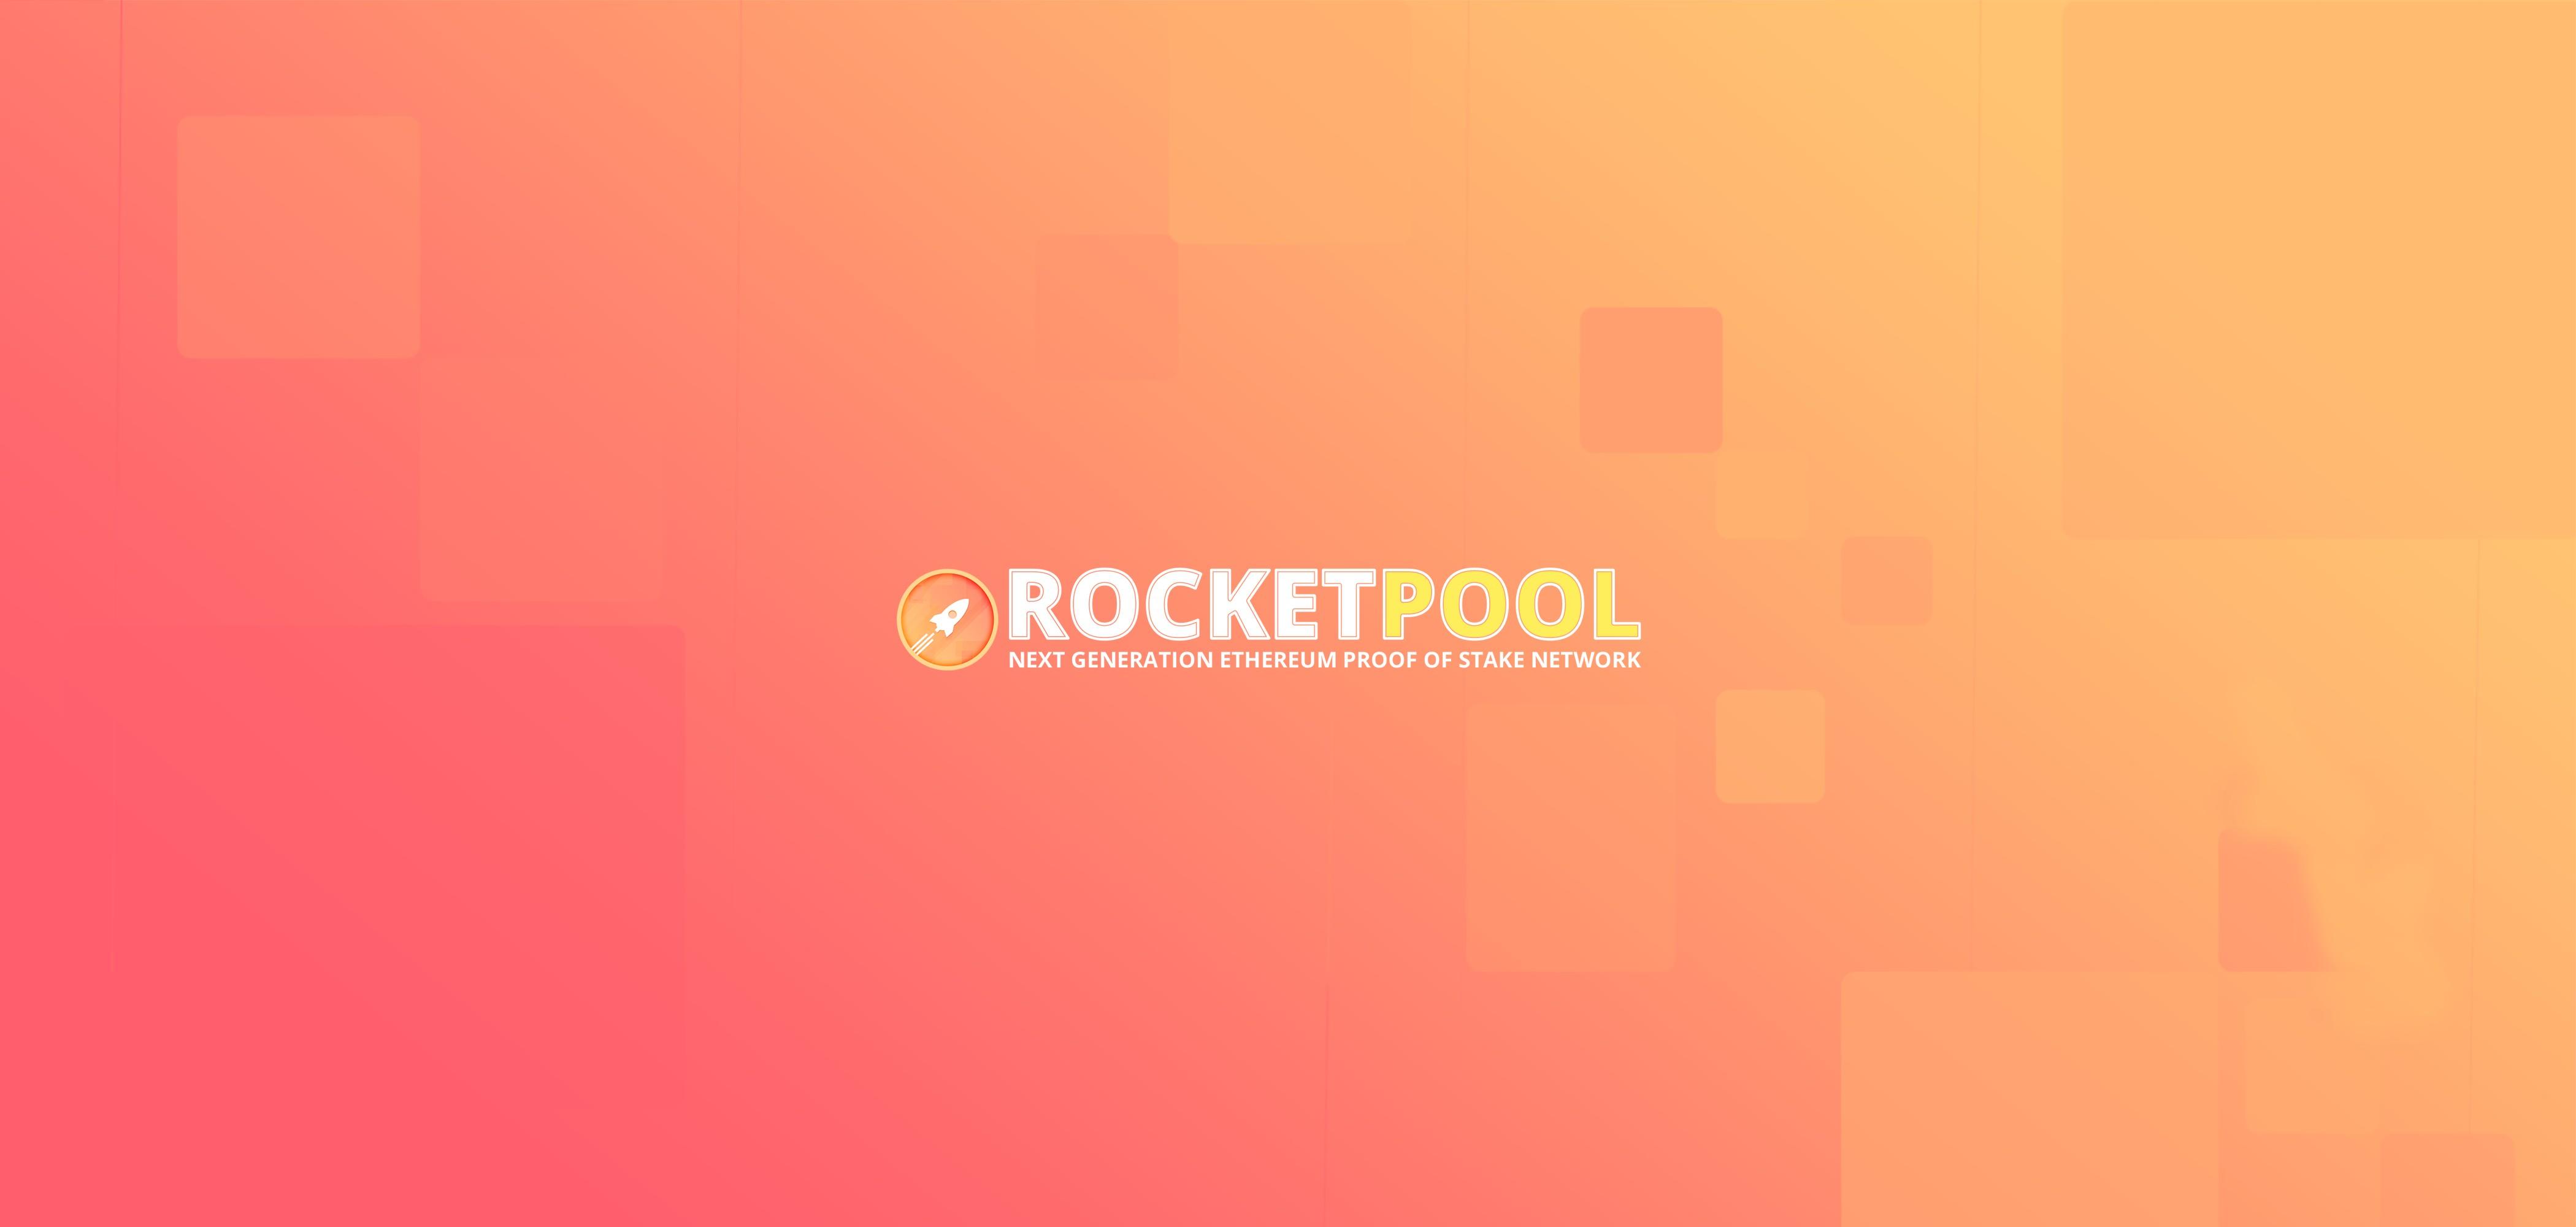 الموظفون في شركة Rocket Pool، وموقعها الجغرافي، الوظائف المتاحة فيها |  LinkedIn